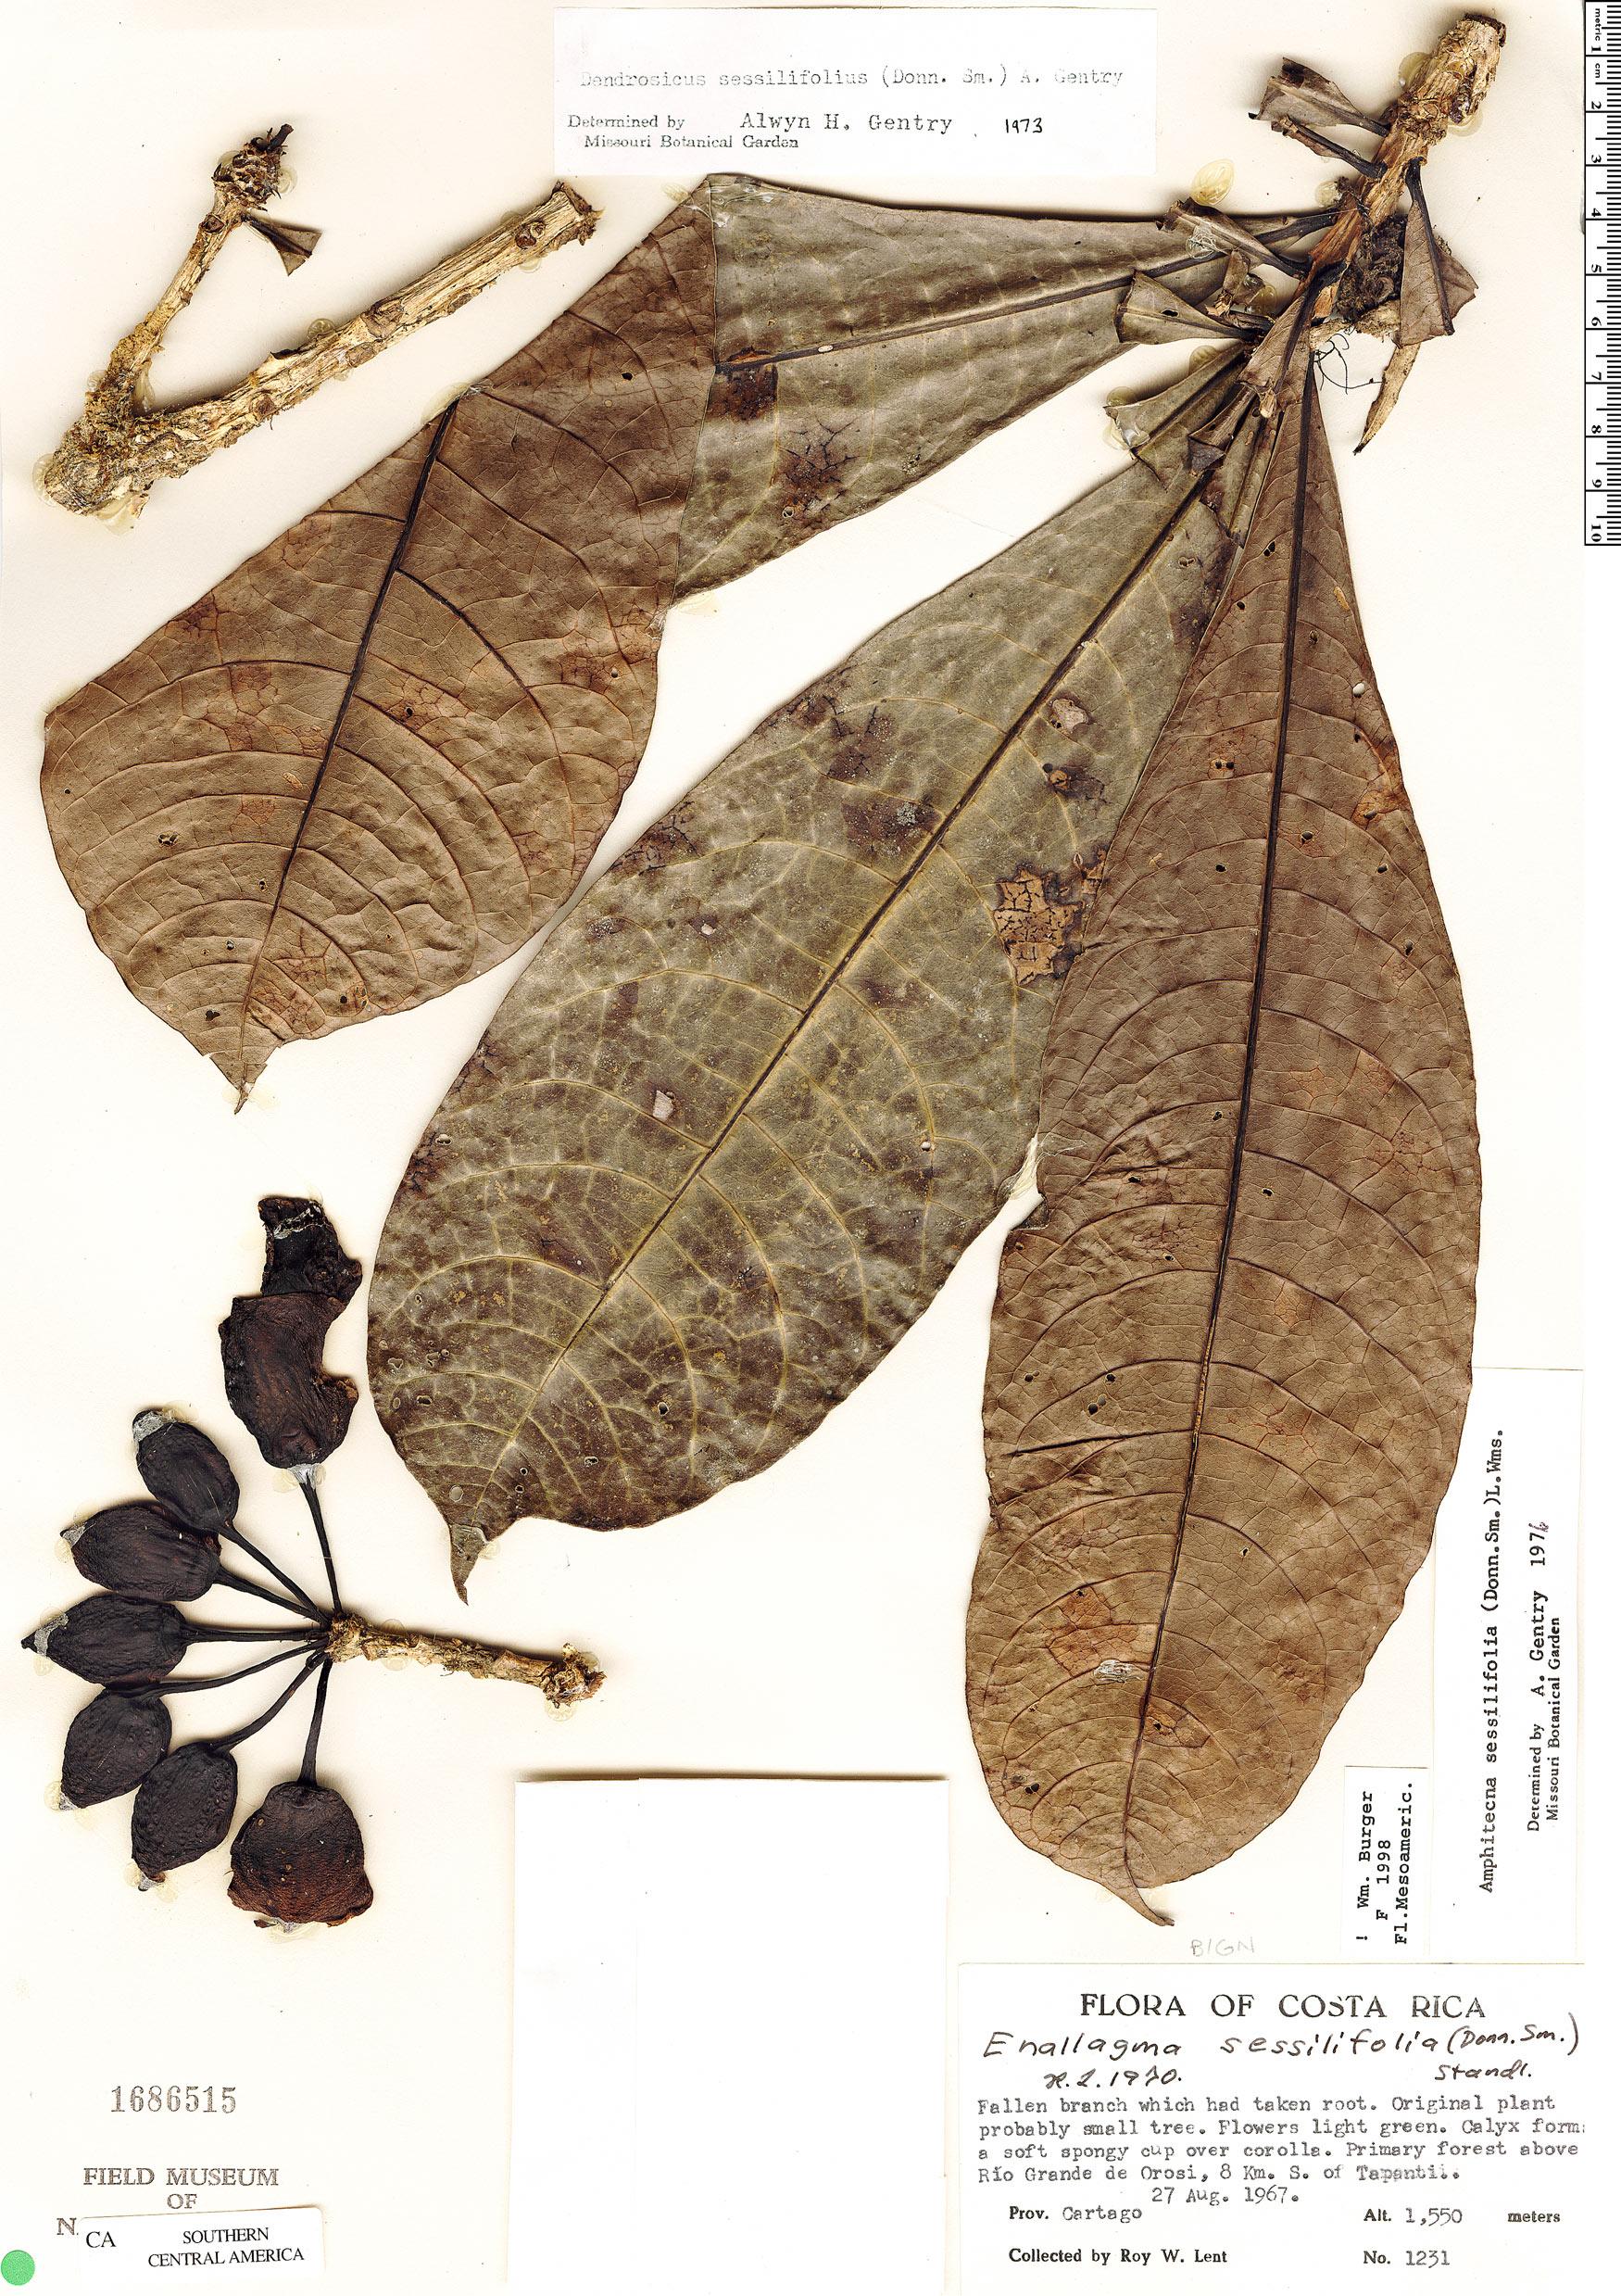 Specimen: Amphitecna sessilifolia